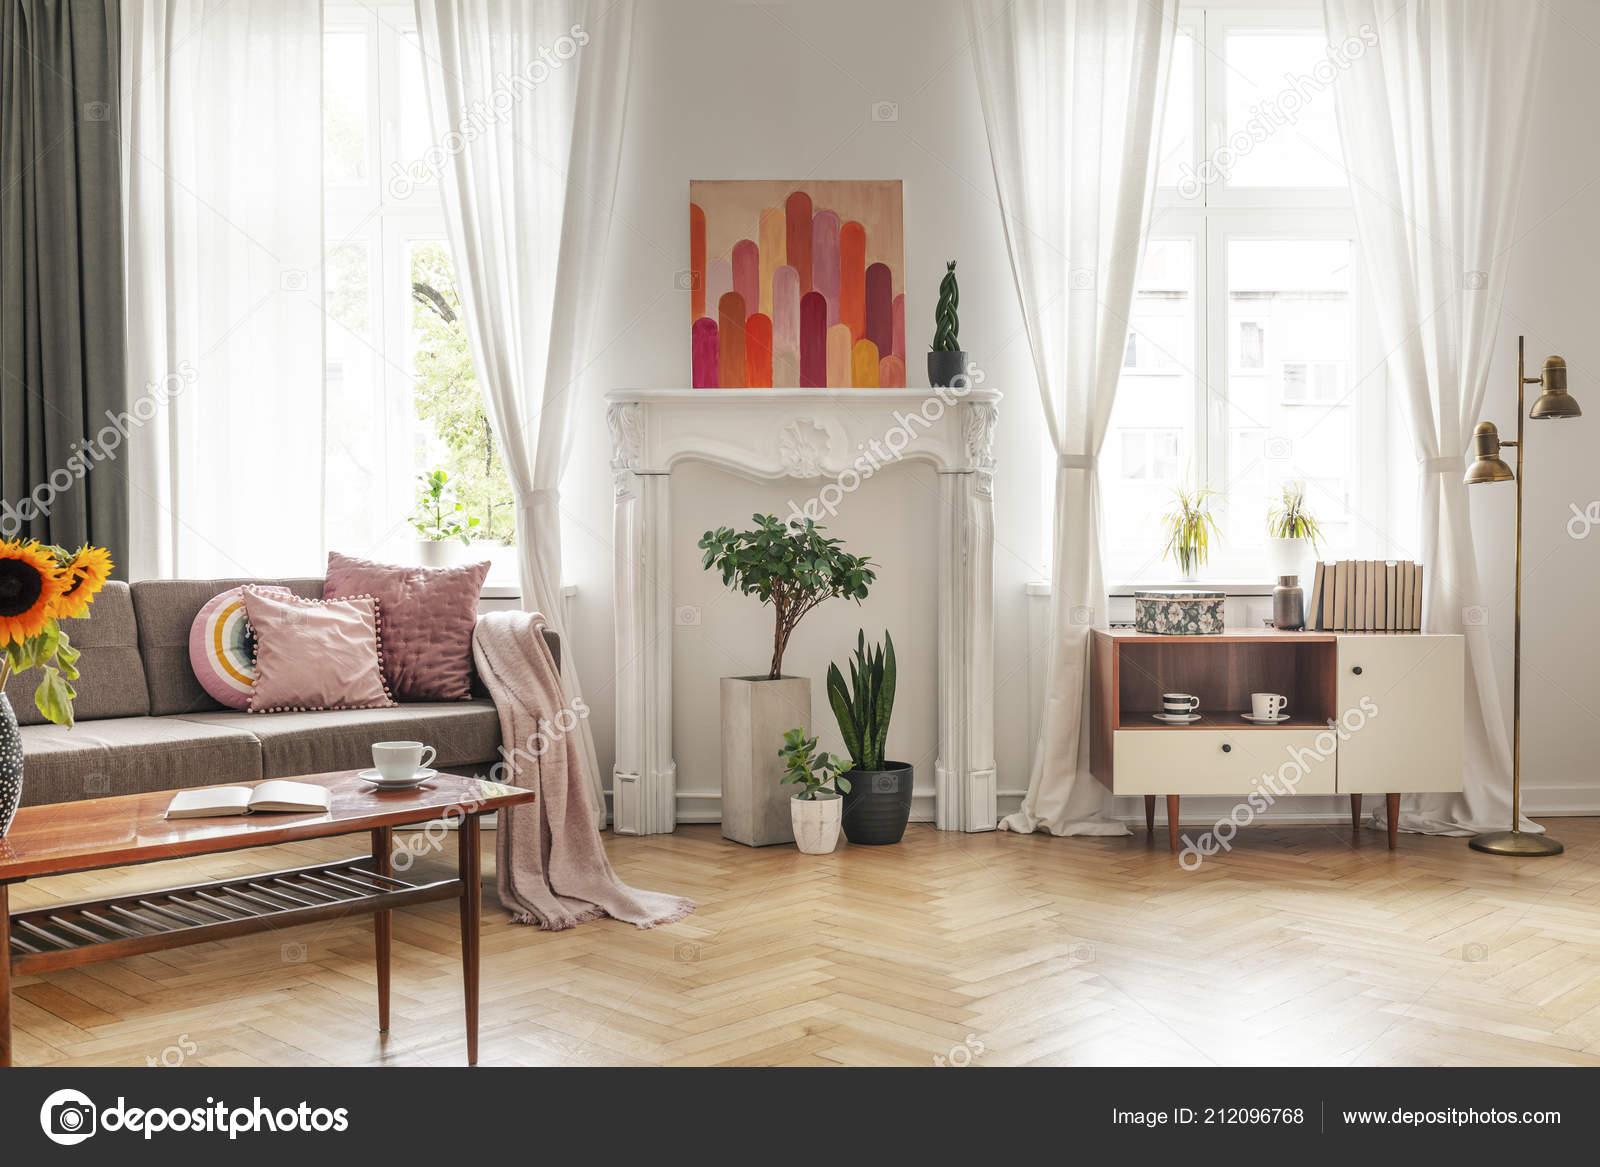 Gordijnen Windows Poster Wit Woonkamer Interieur Met Bank